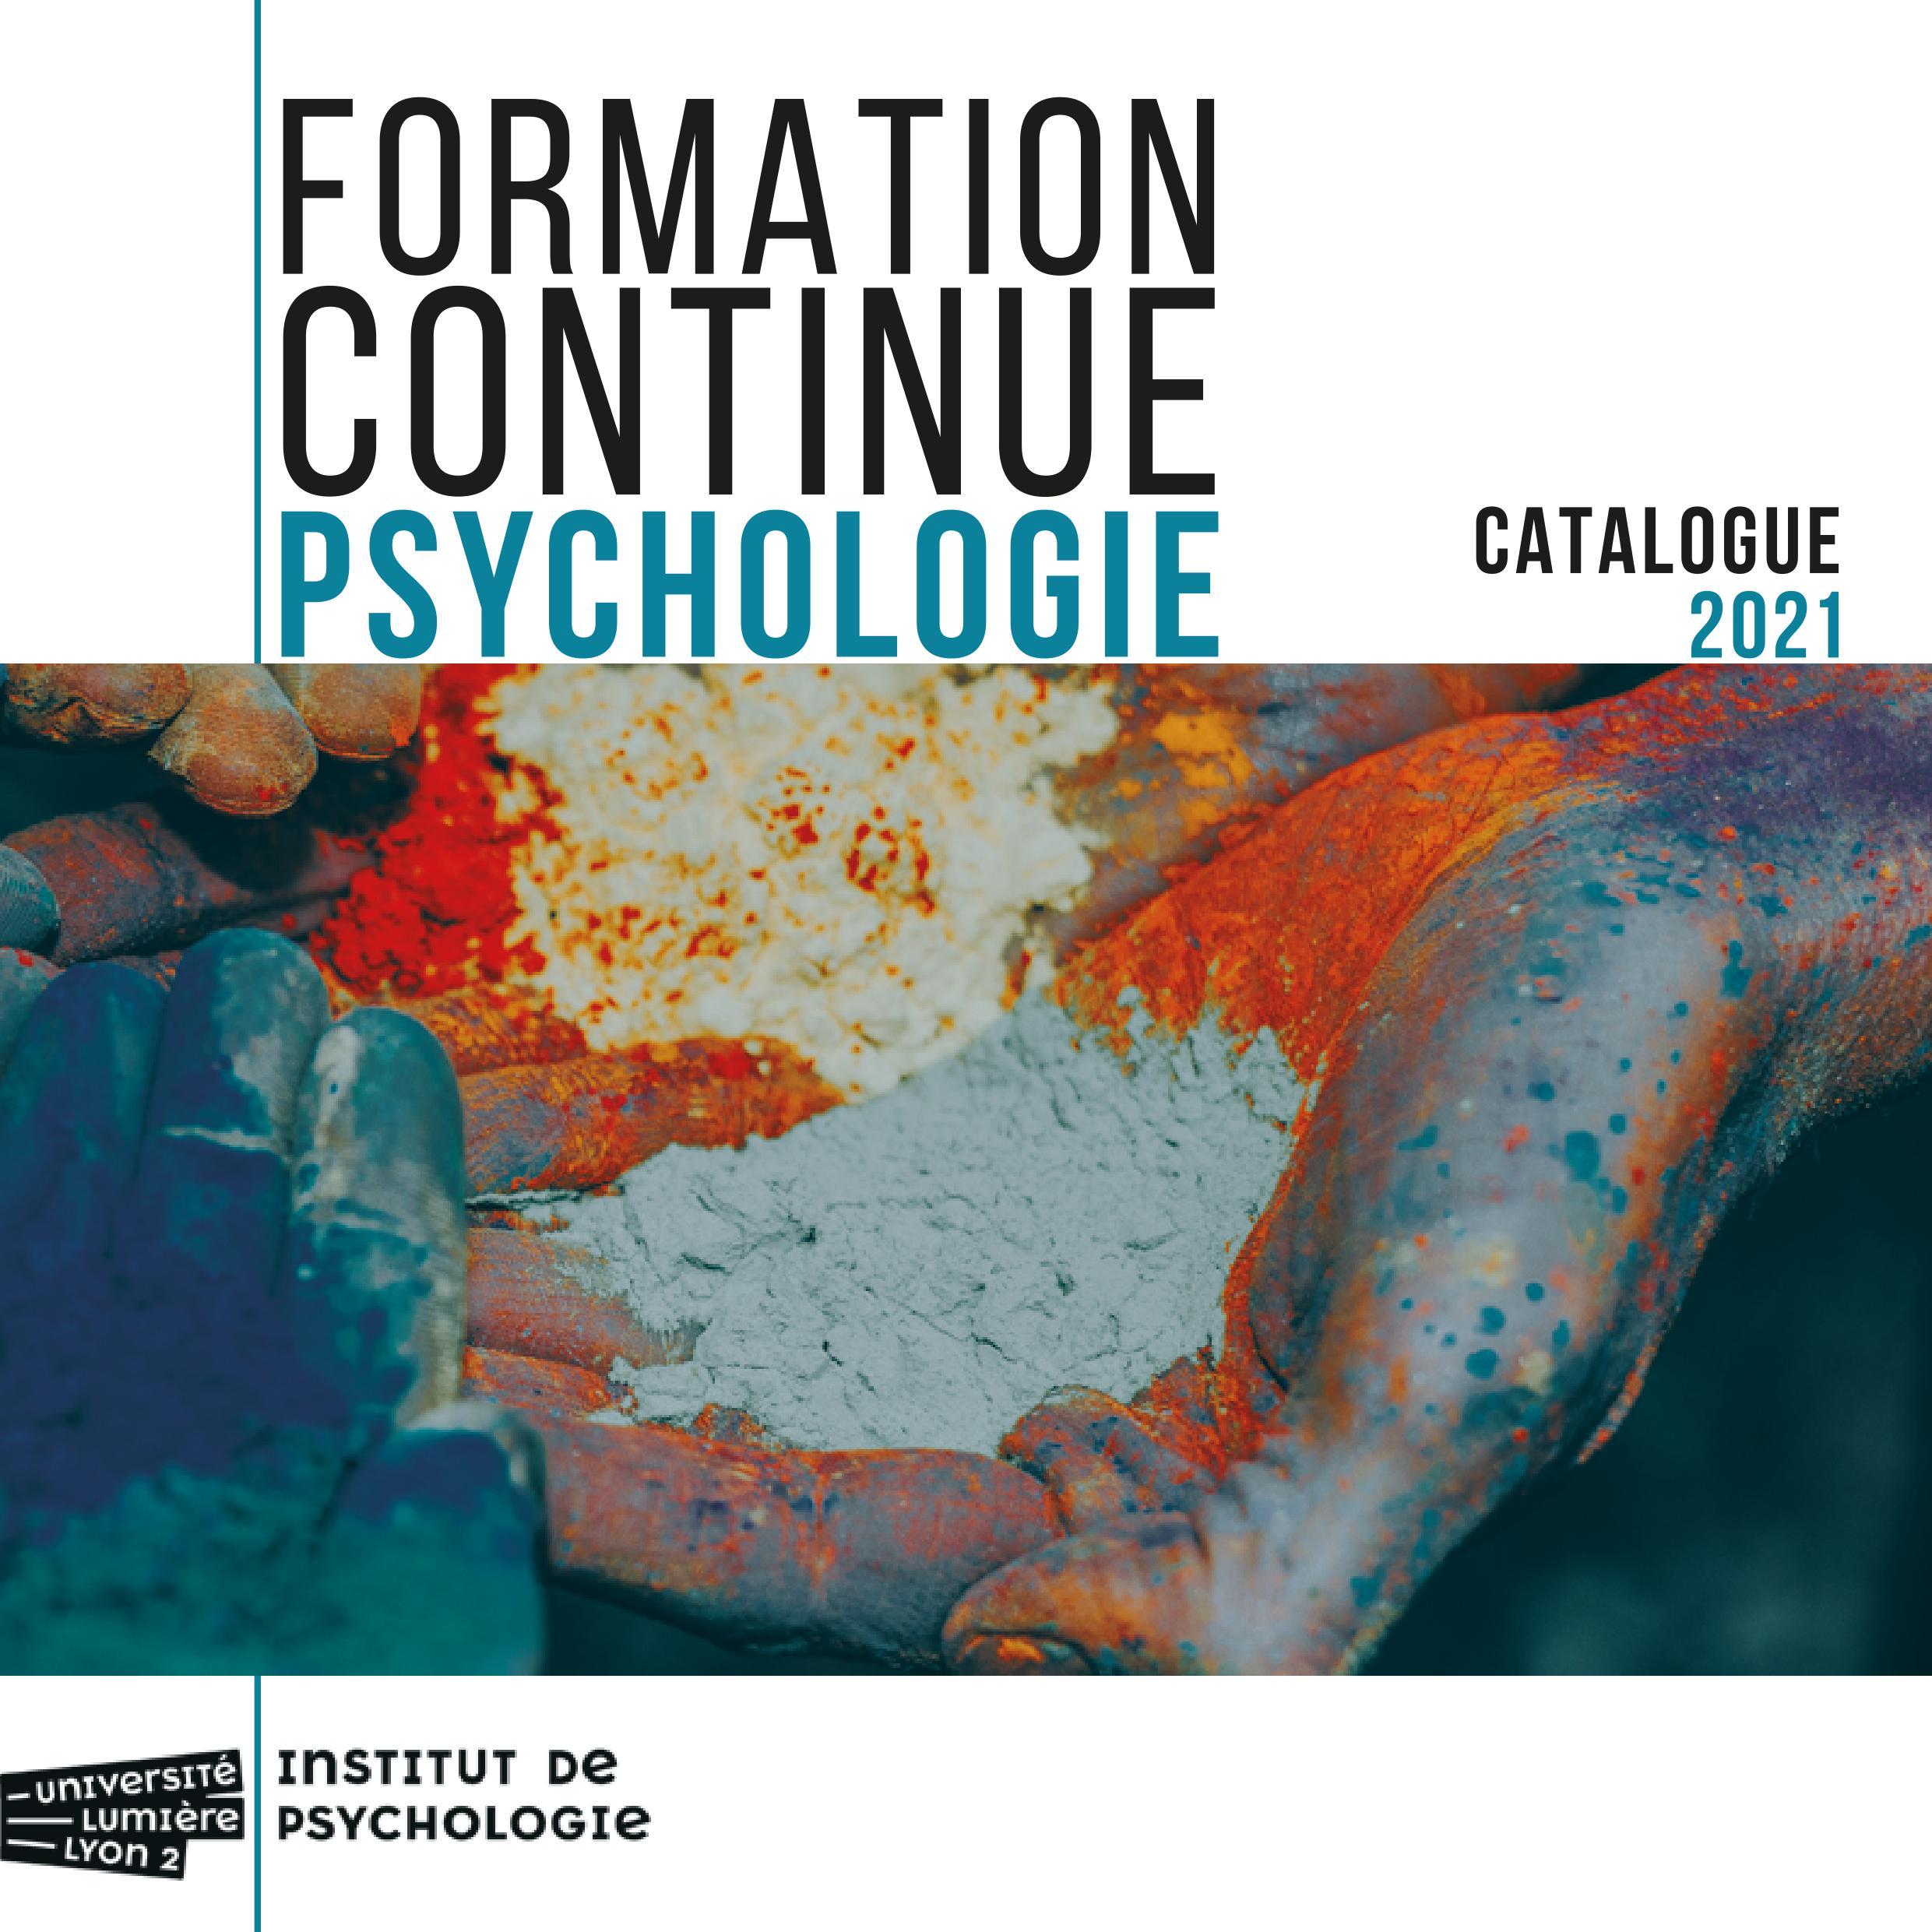 Couverture du catalogue 2021